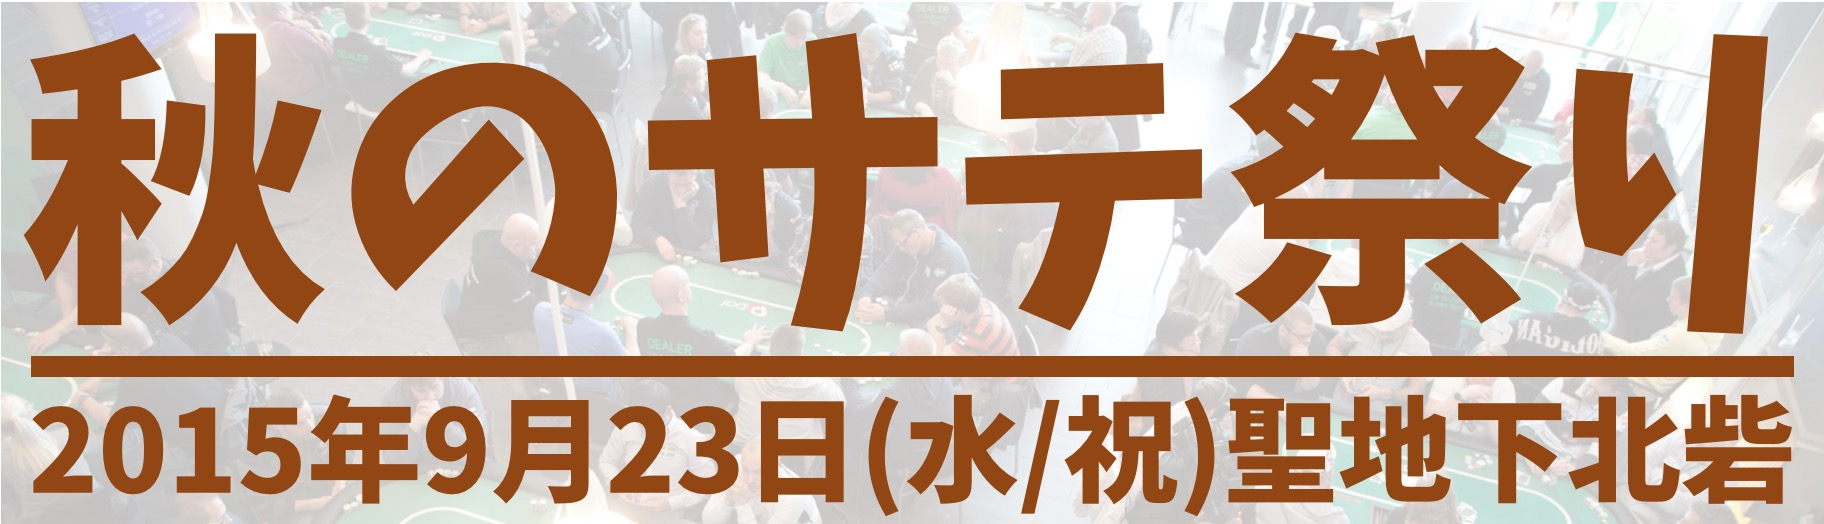 ポーカー秋のサテ祭り2015